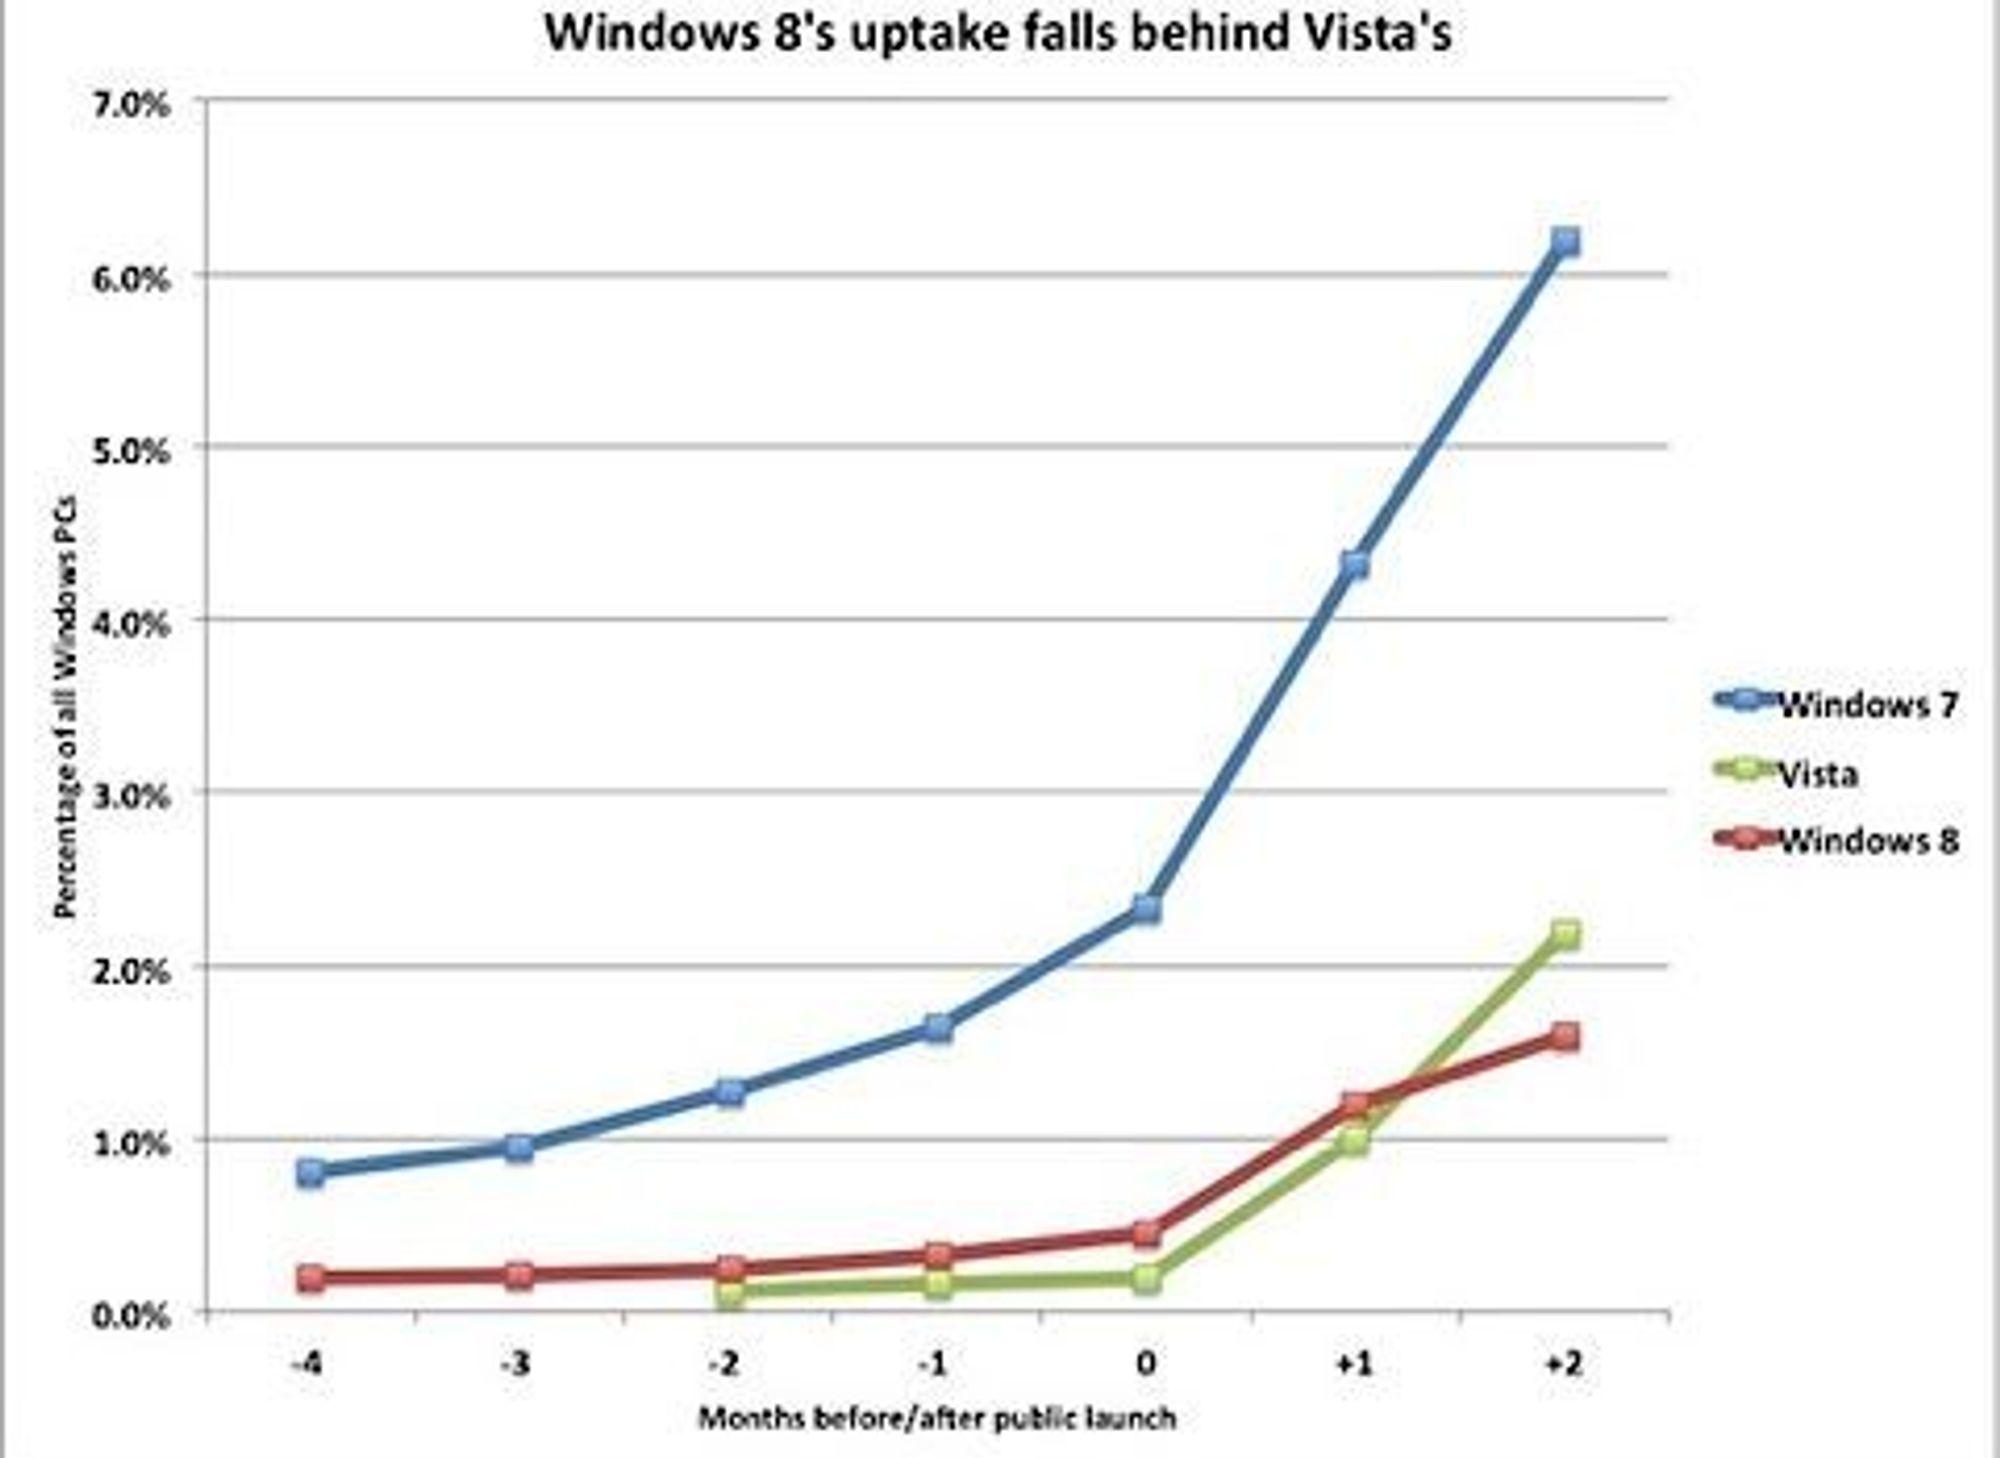 Windows 8 må se seg slått av utbredelsestakten til Windows Vista, i hvert fall to måneder etter lanseringsdato, ifølge tall fra webanalyseselskapet.